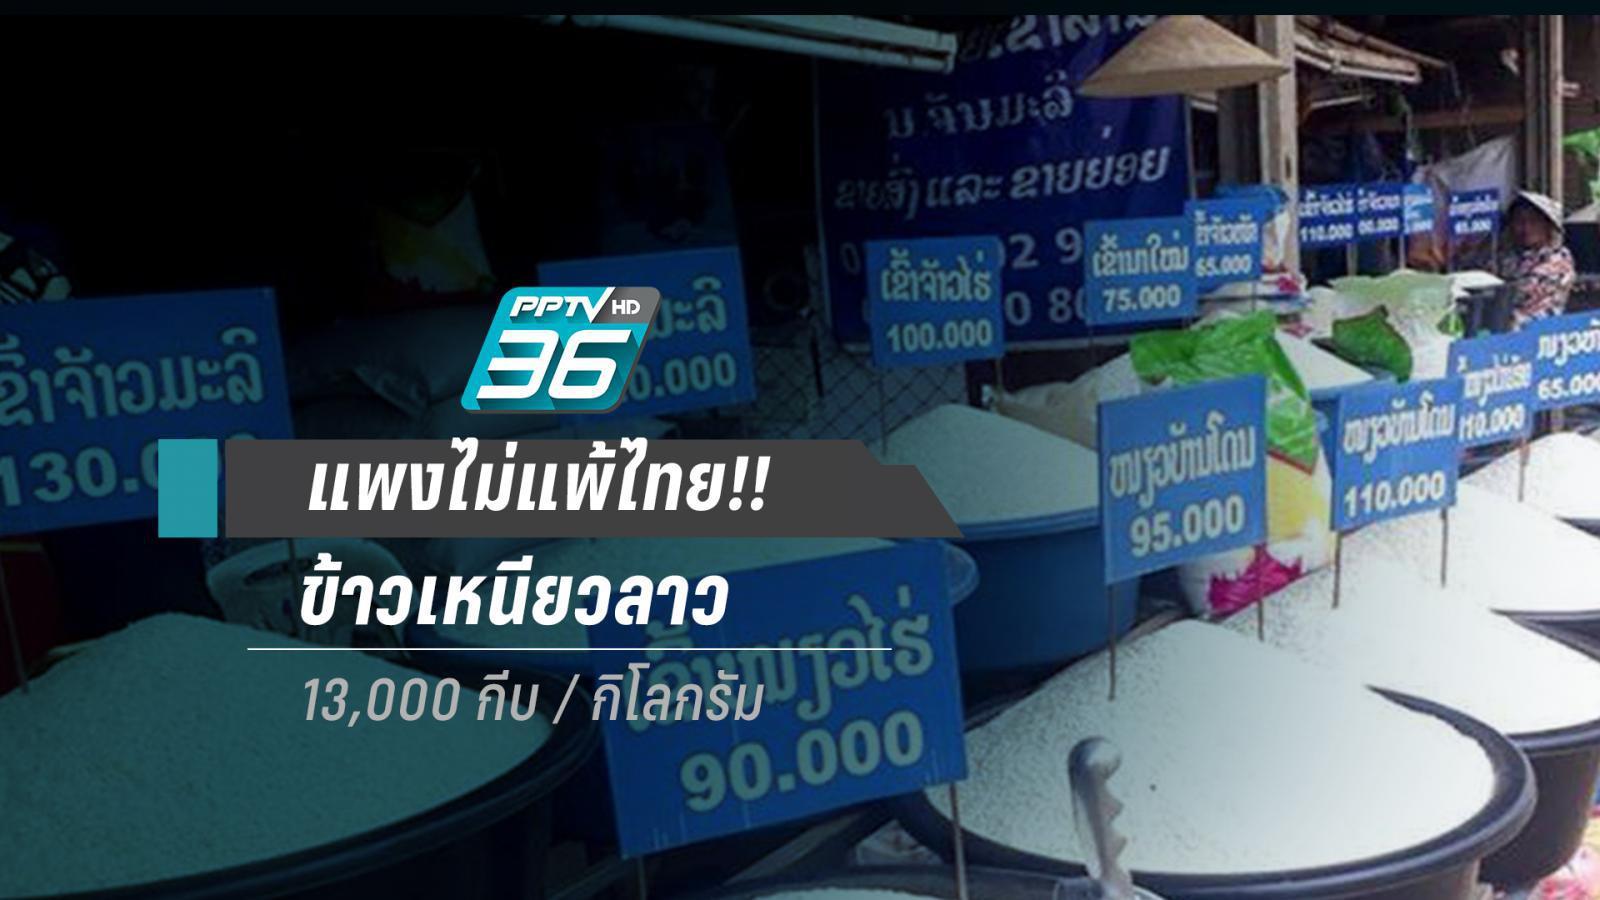 ไม่ใช่แค่ไทย ข้าวเหนียวลาวก็แพง กิโลละ 13,000 กีบ